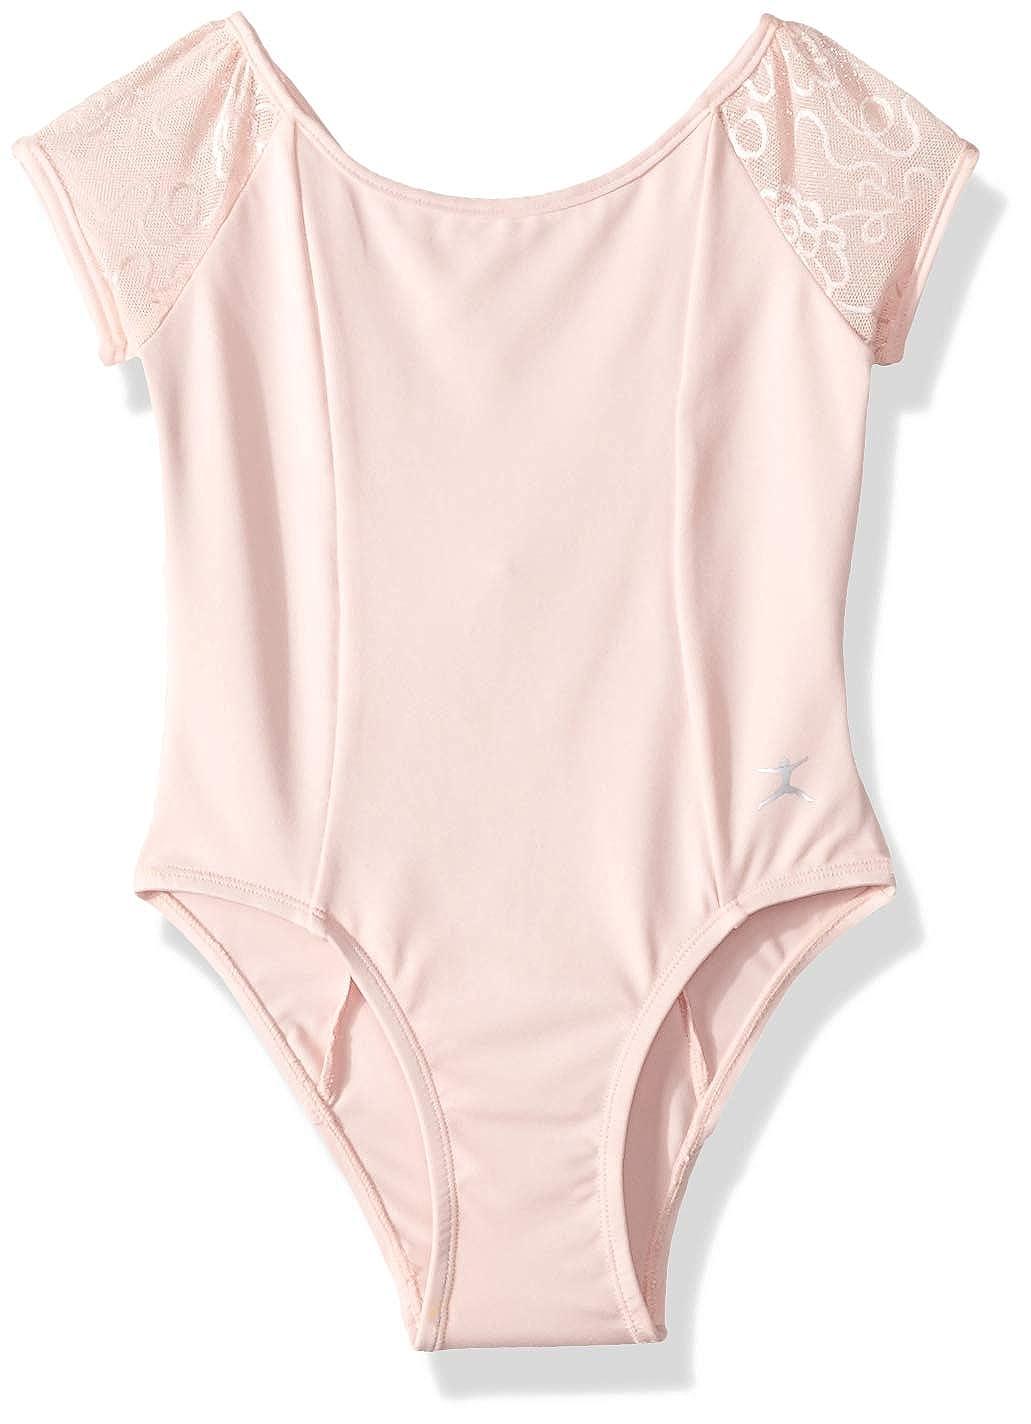 Danskin Girls Short Sleeve Leotard 7266